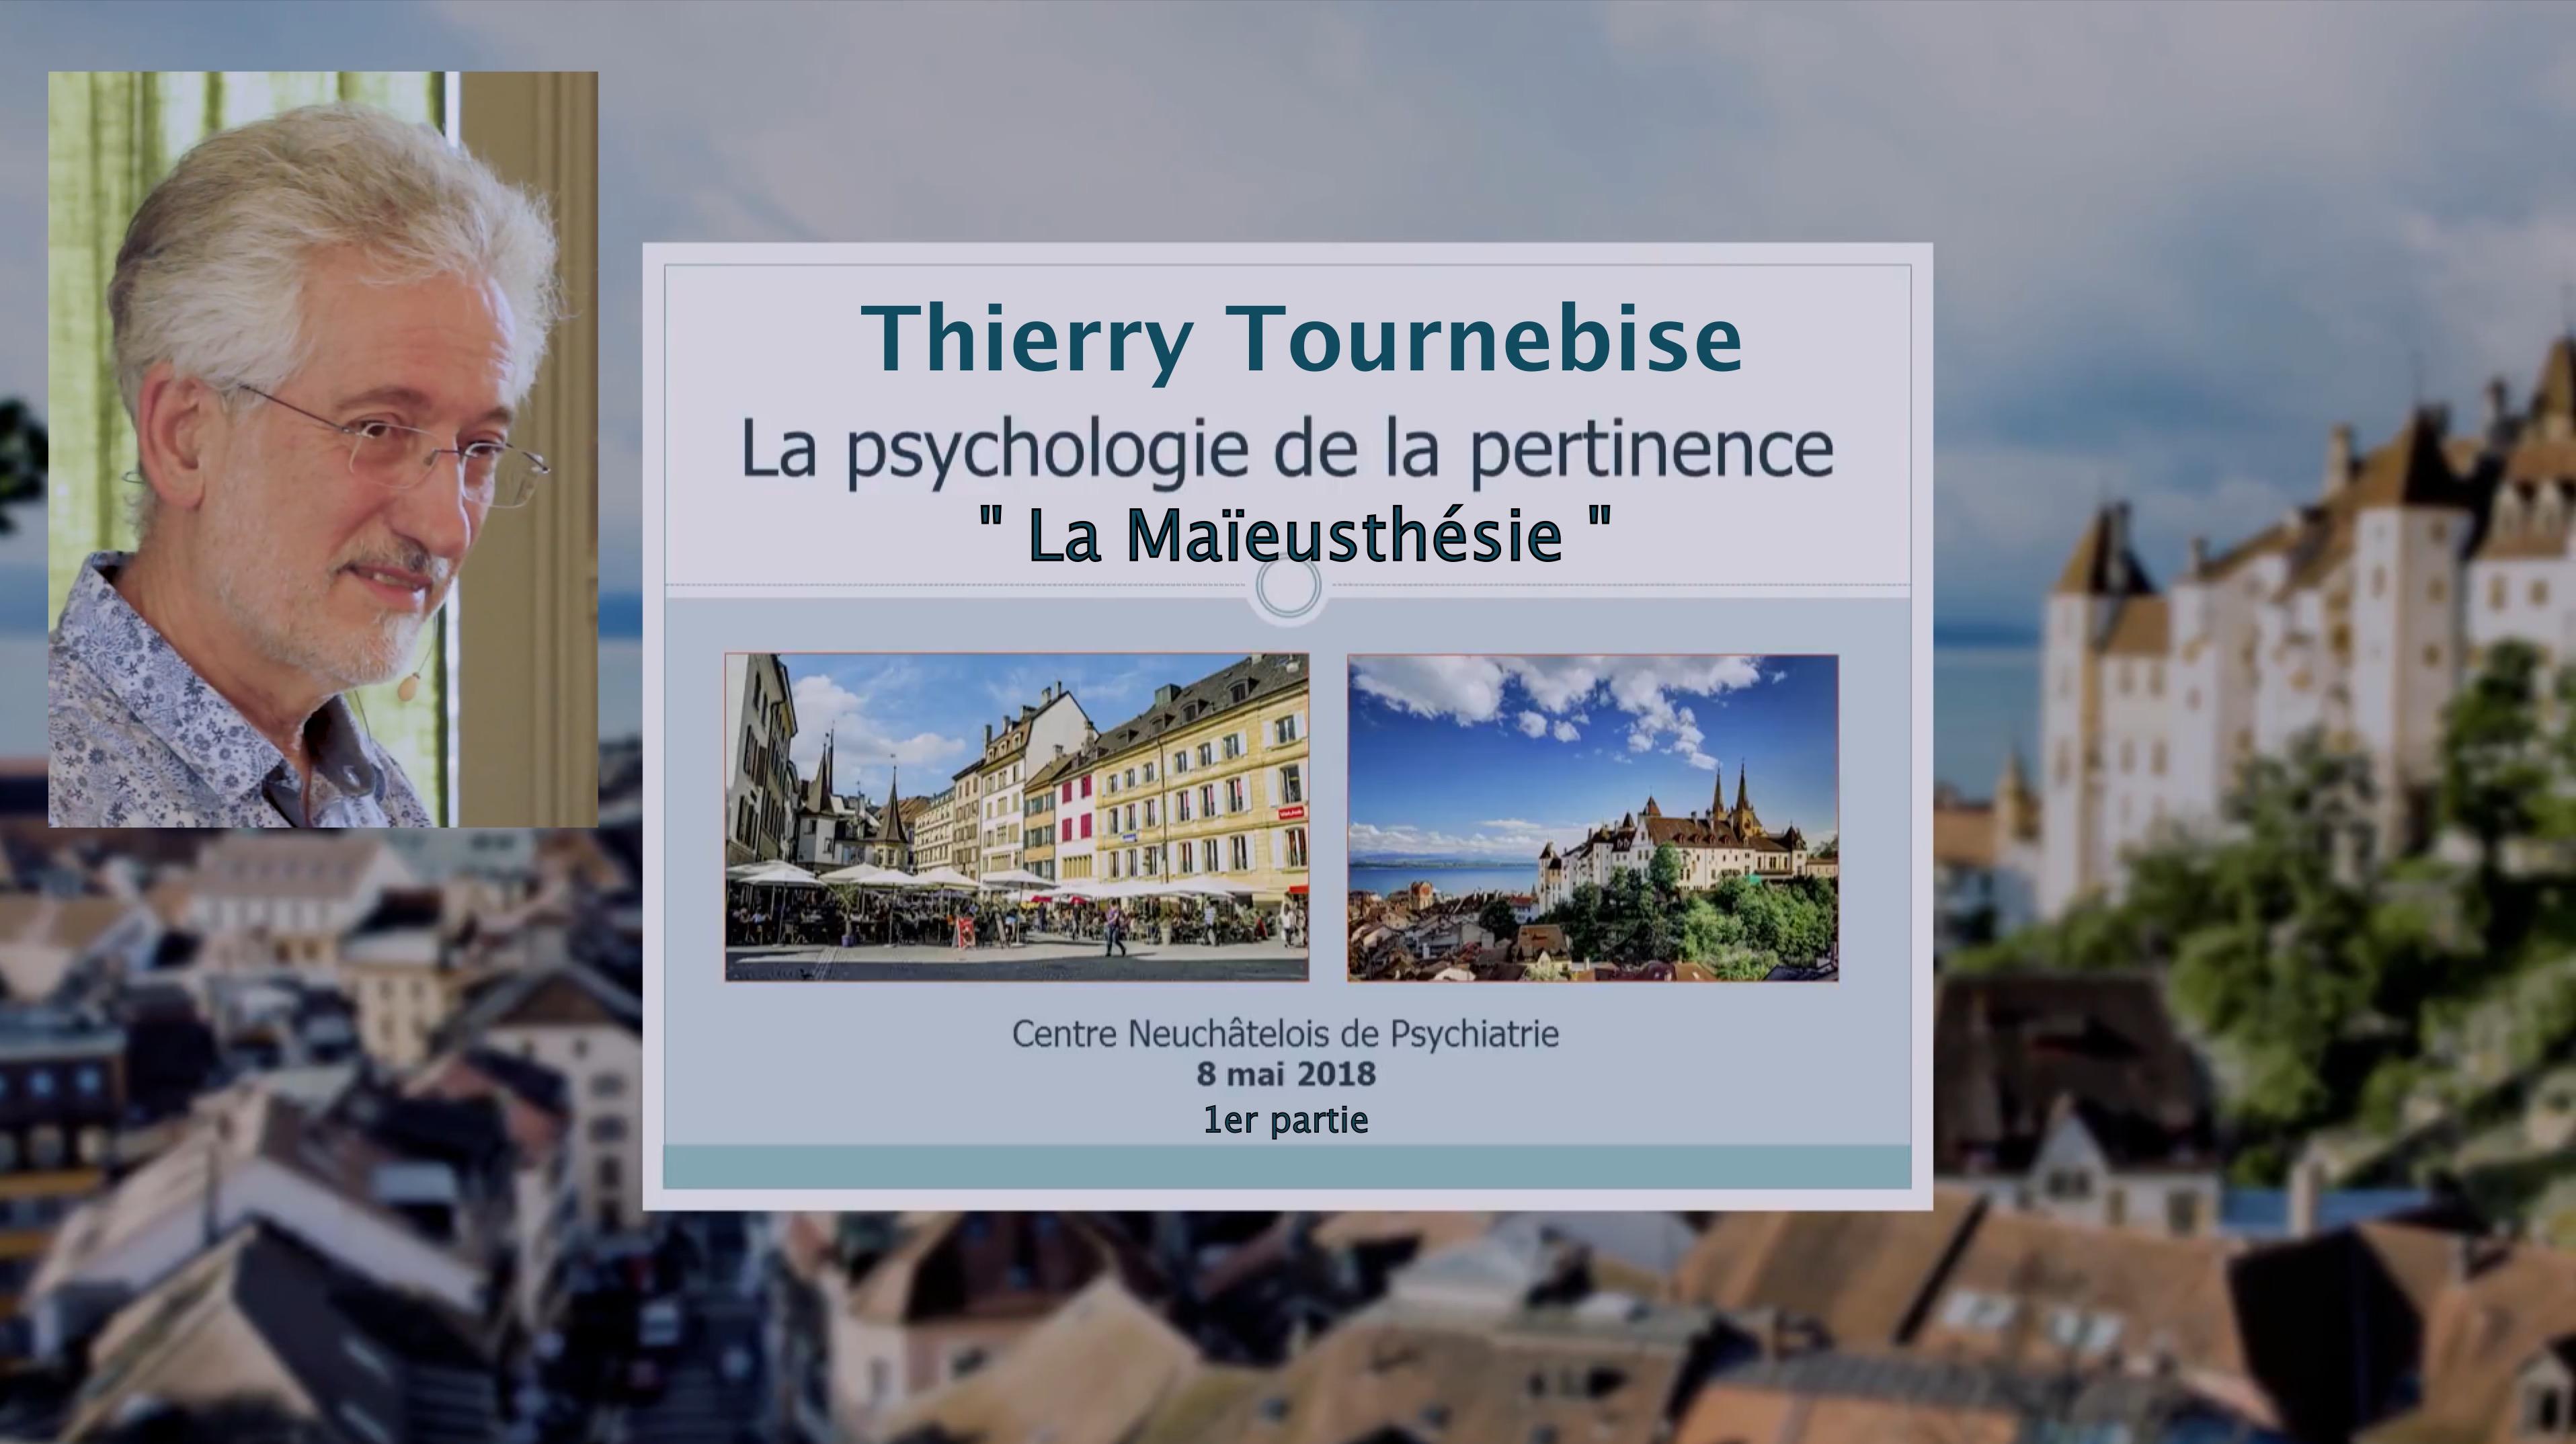 Pimprenelle Degos - La Maïeusthésie présentée par son fondateur Thierry Tournebise (vidéo partie 1)